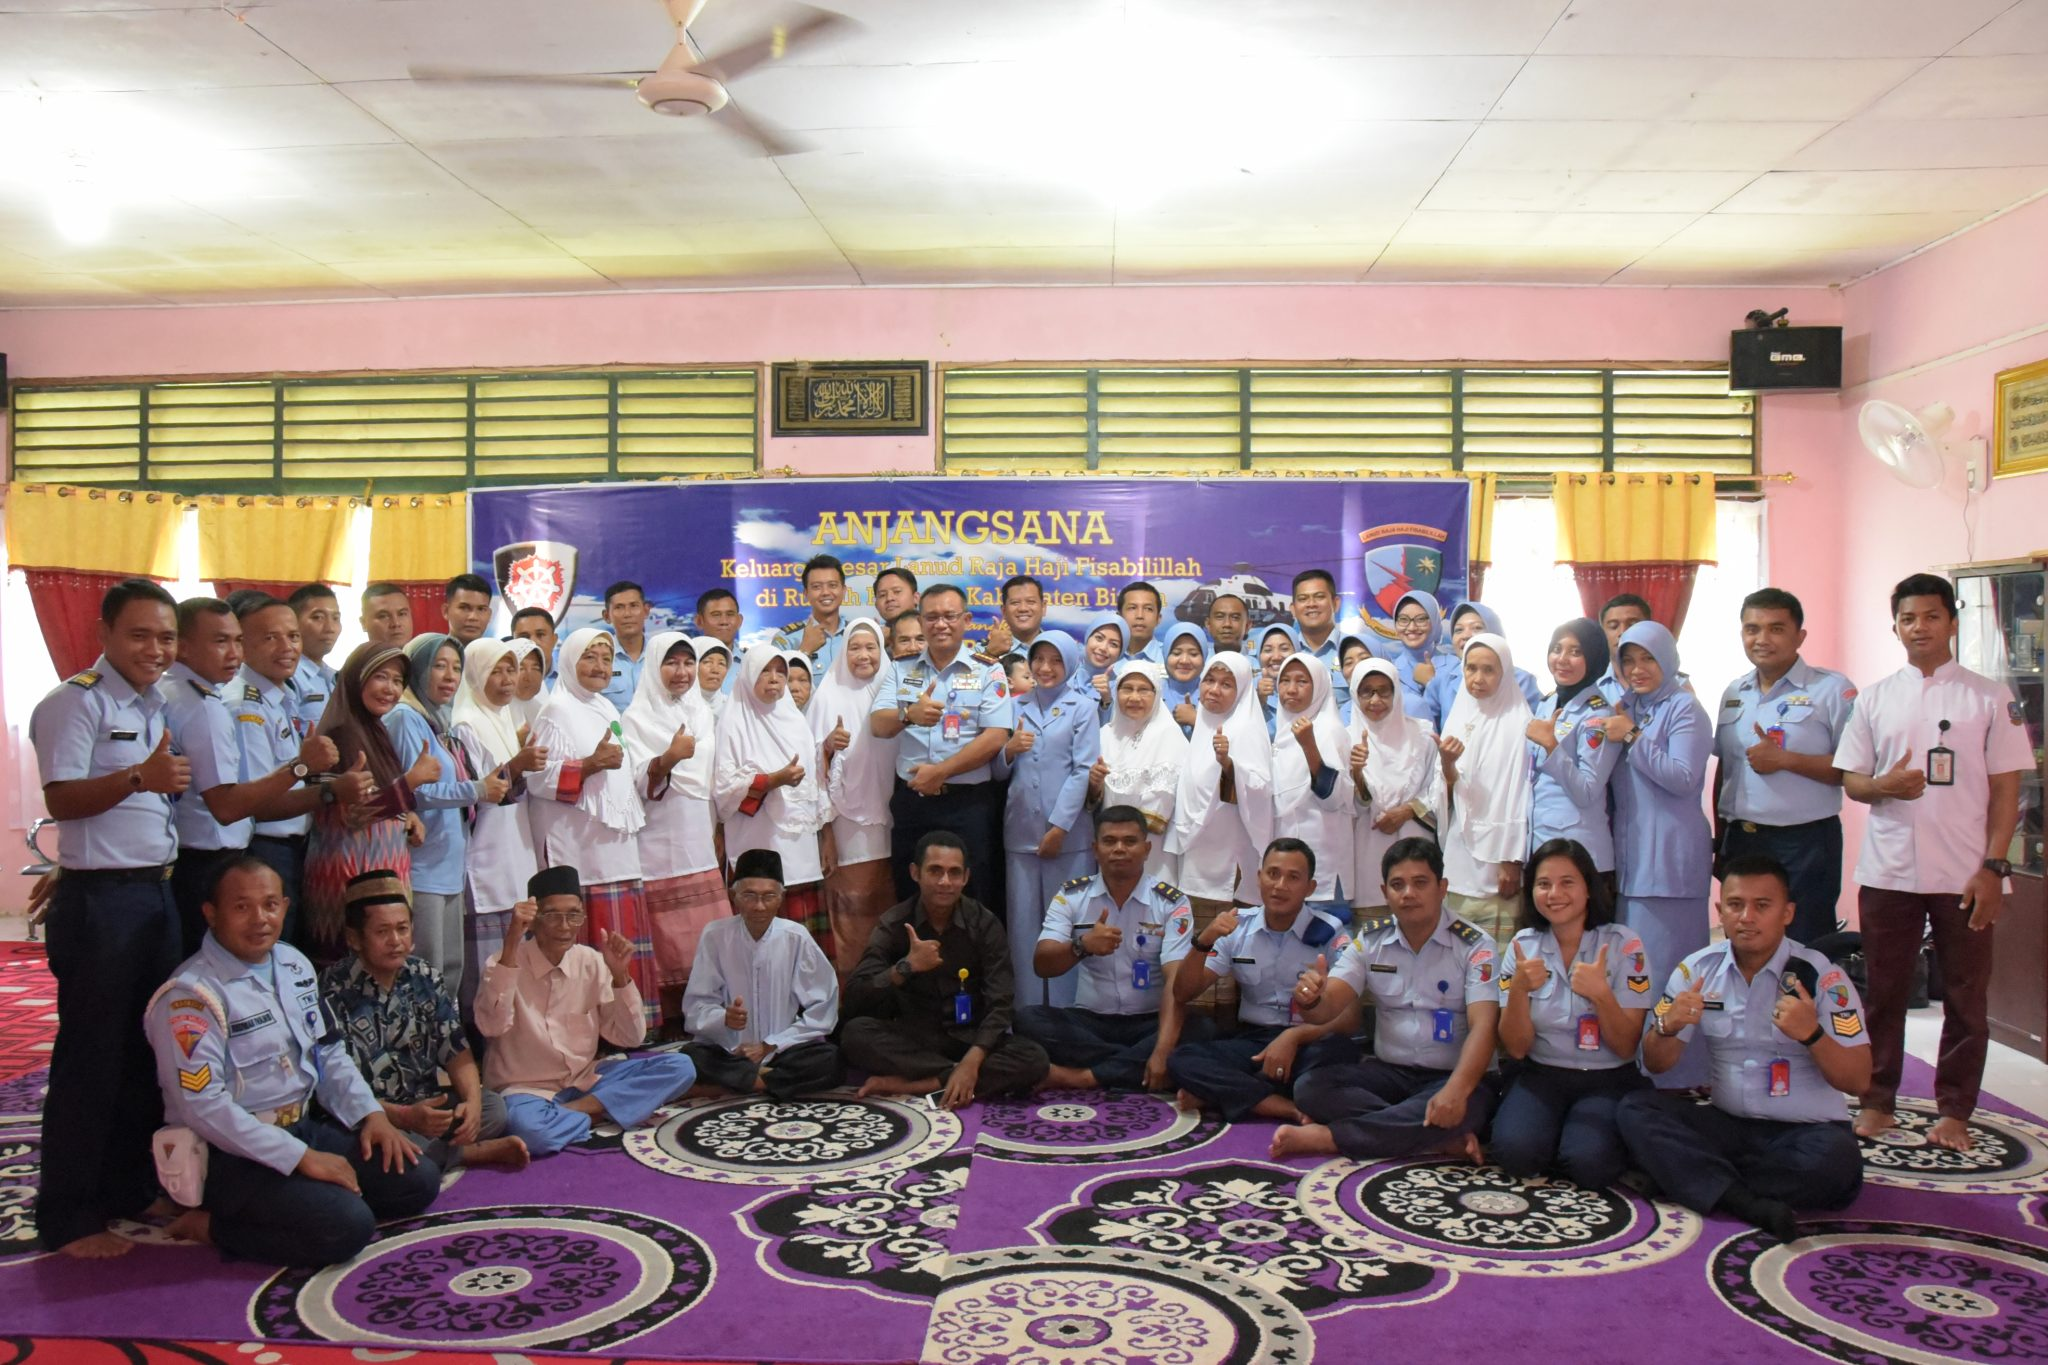 Keluarga Besar Lanud Rhf Berbagi Kebahagiaan di Panti Jompo Rumah Bahagia Kabupaten Bintan